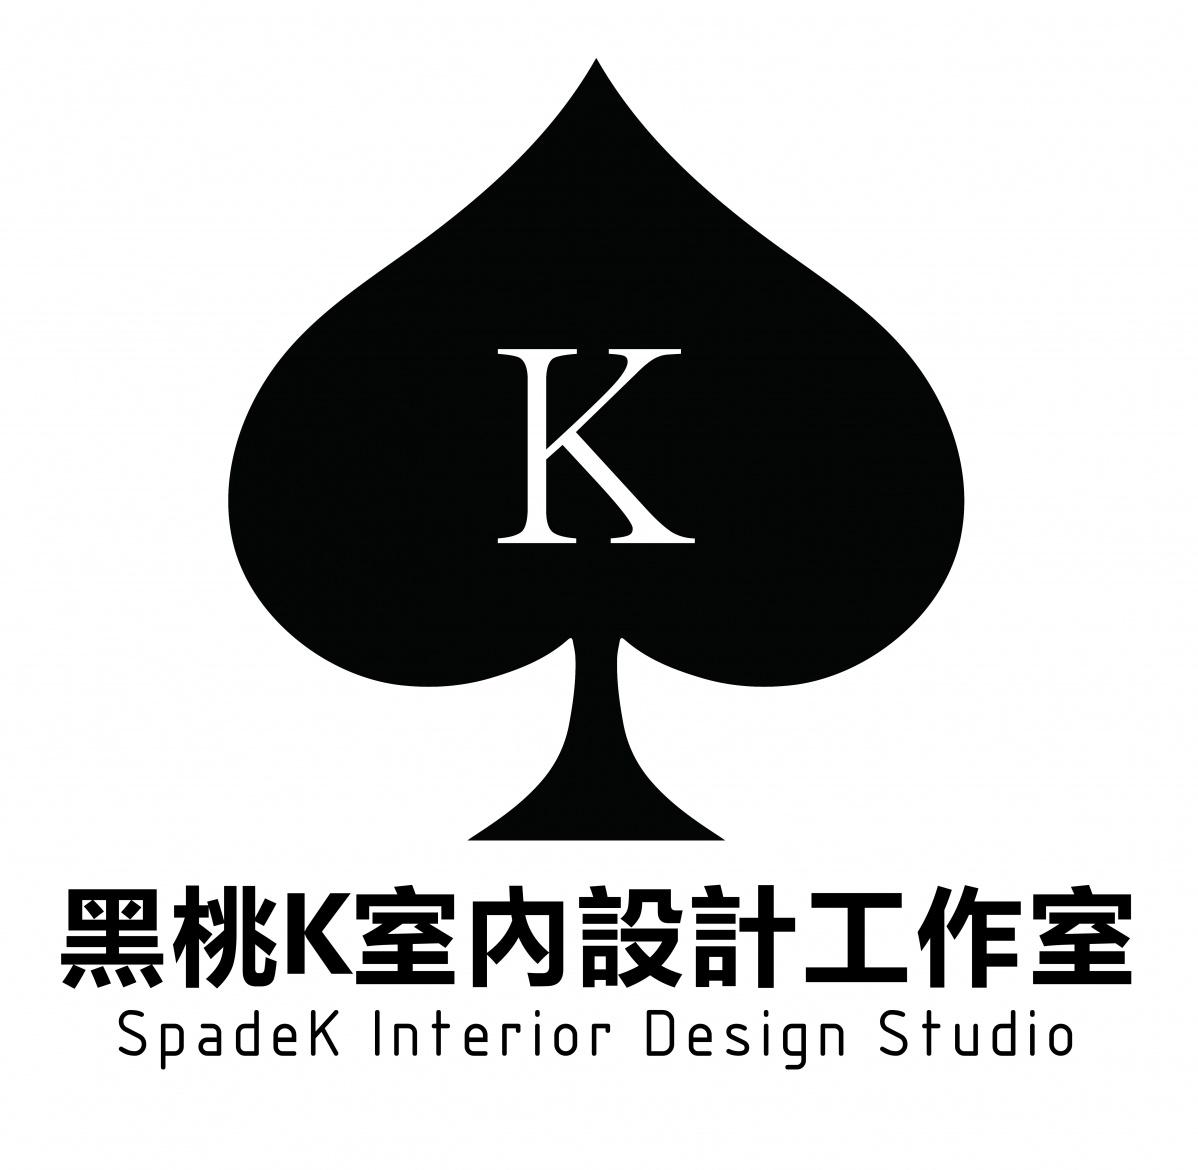 黑桃K室内设计工作室